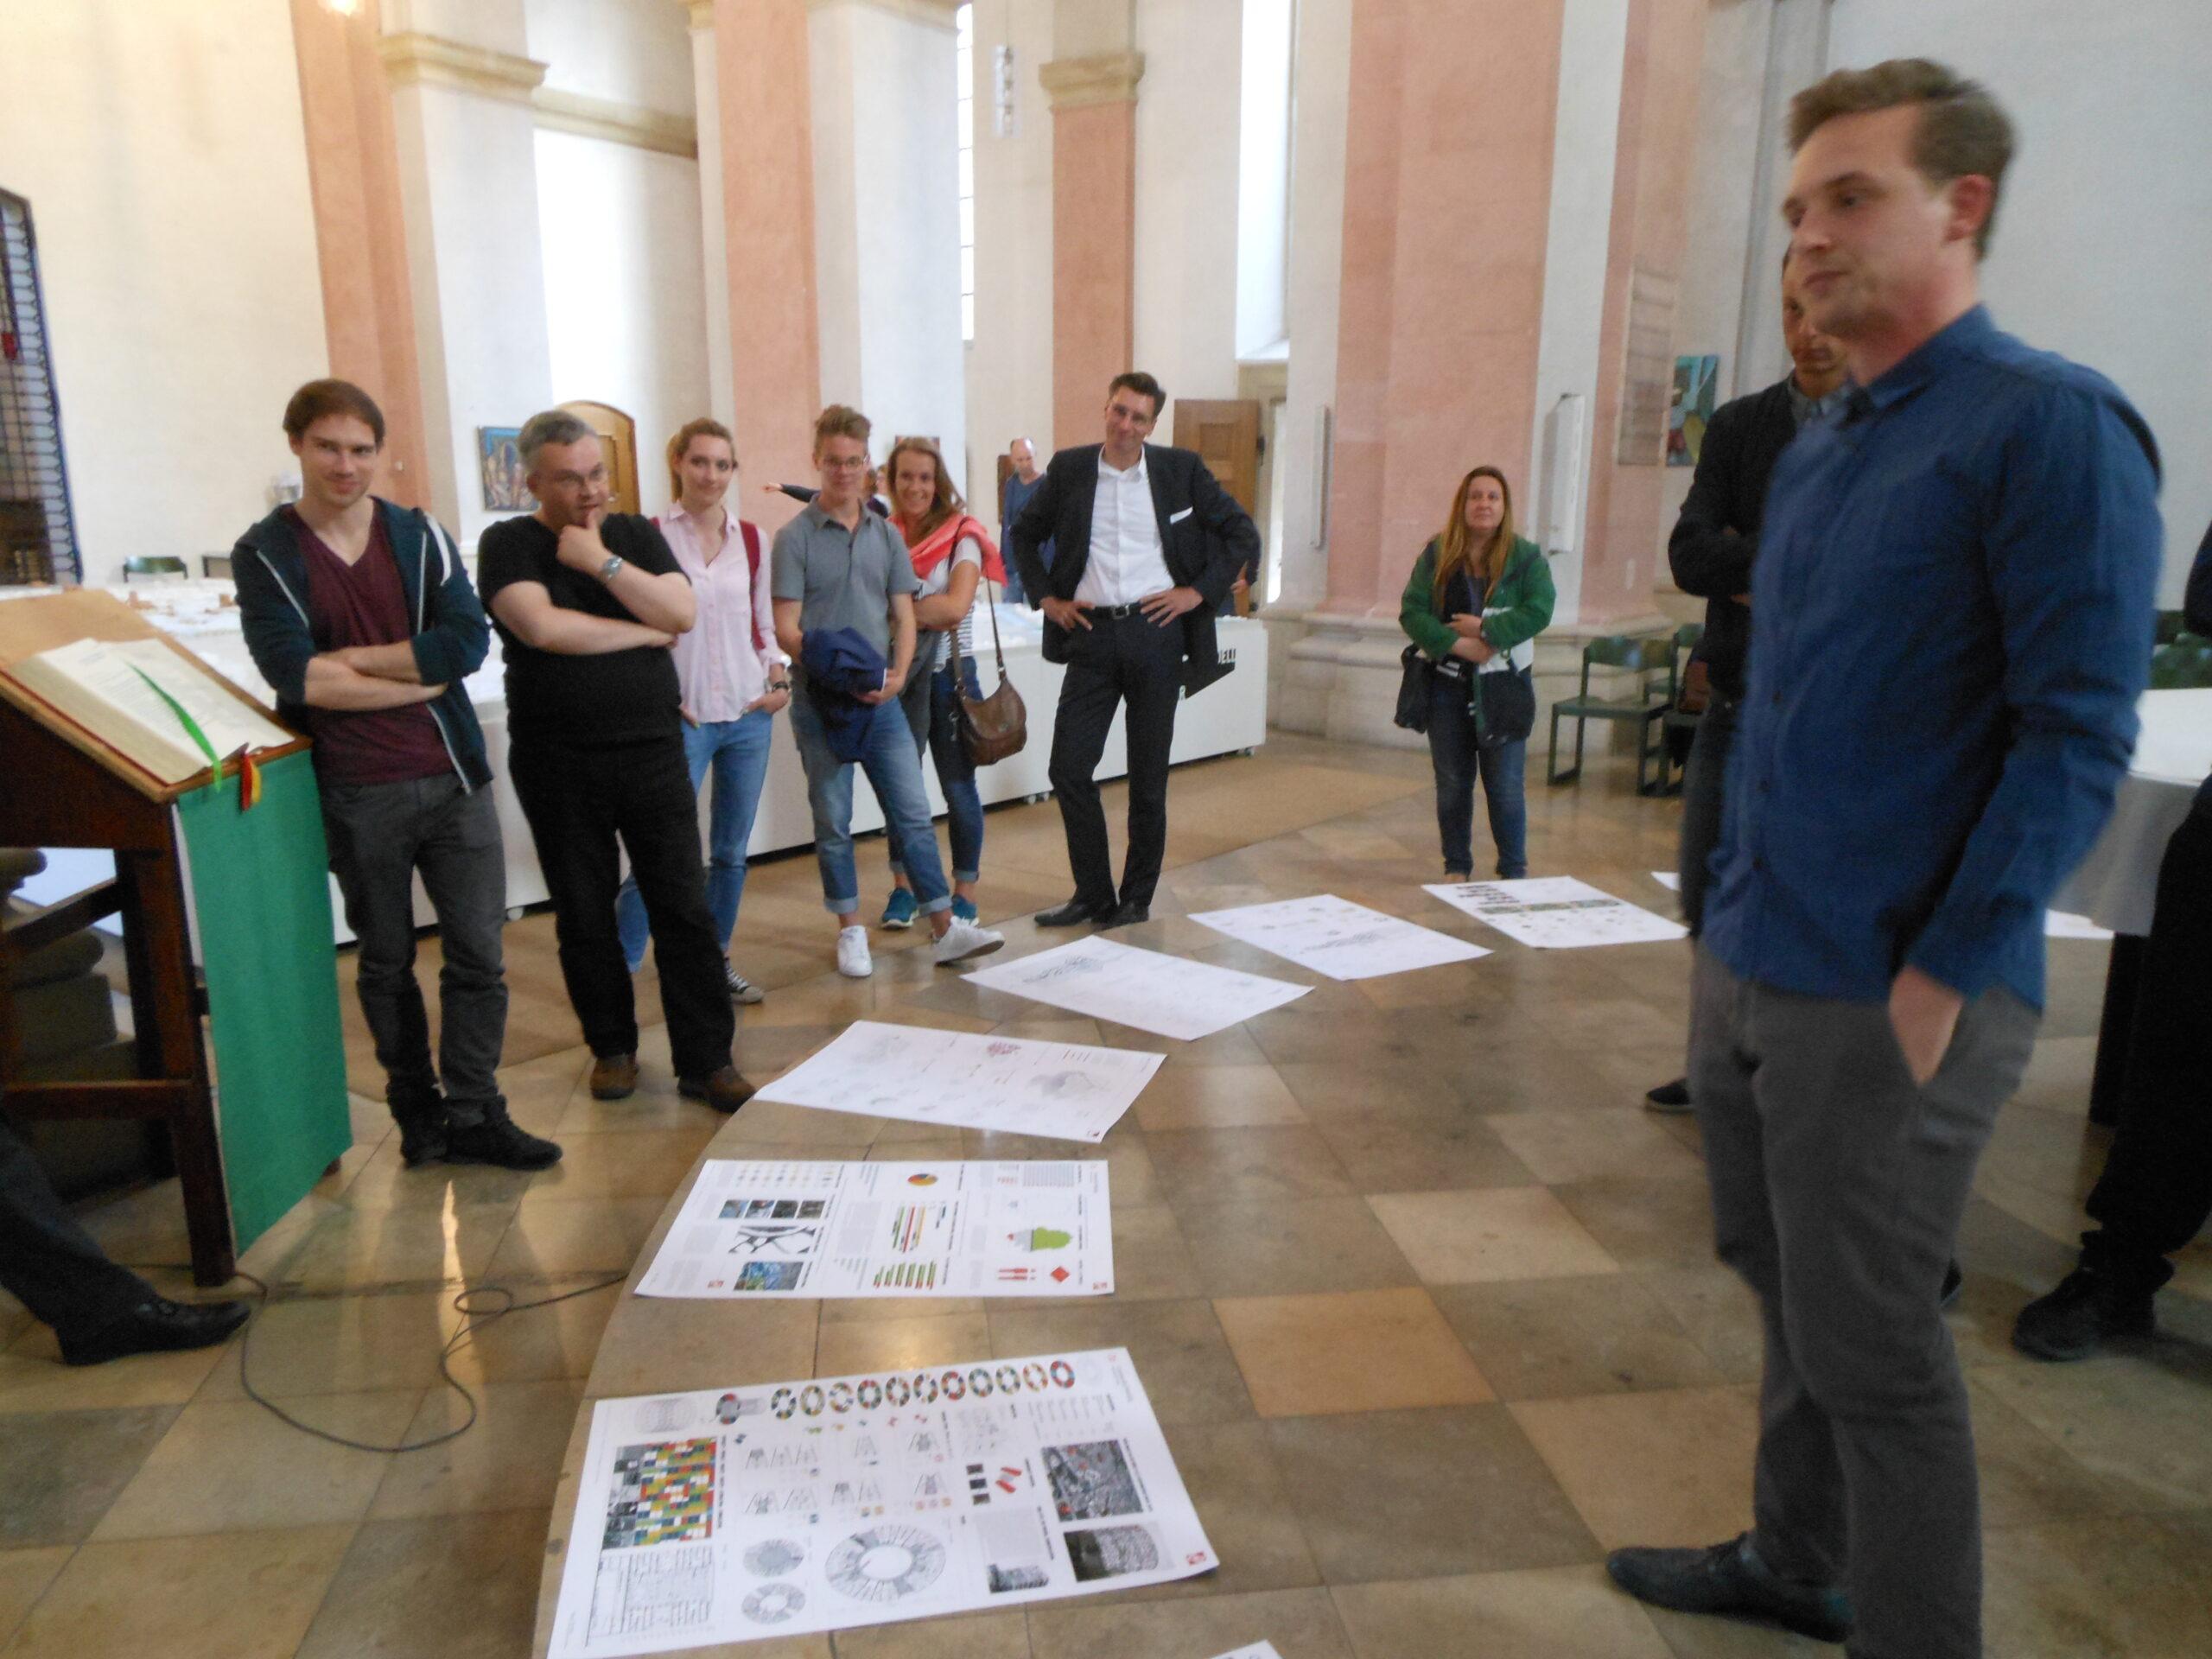 Reconstructing Urbanity - MSA-Präsentation 2016 Dominikanerkirche Münster - Foto: Stefan Rethfeld